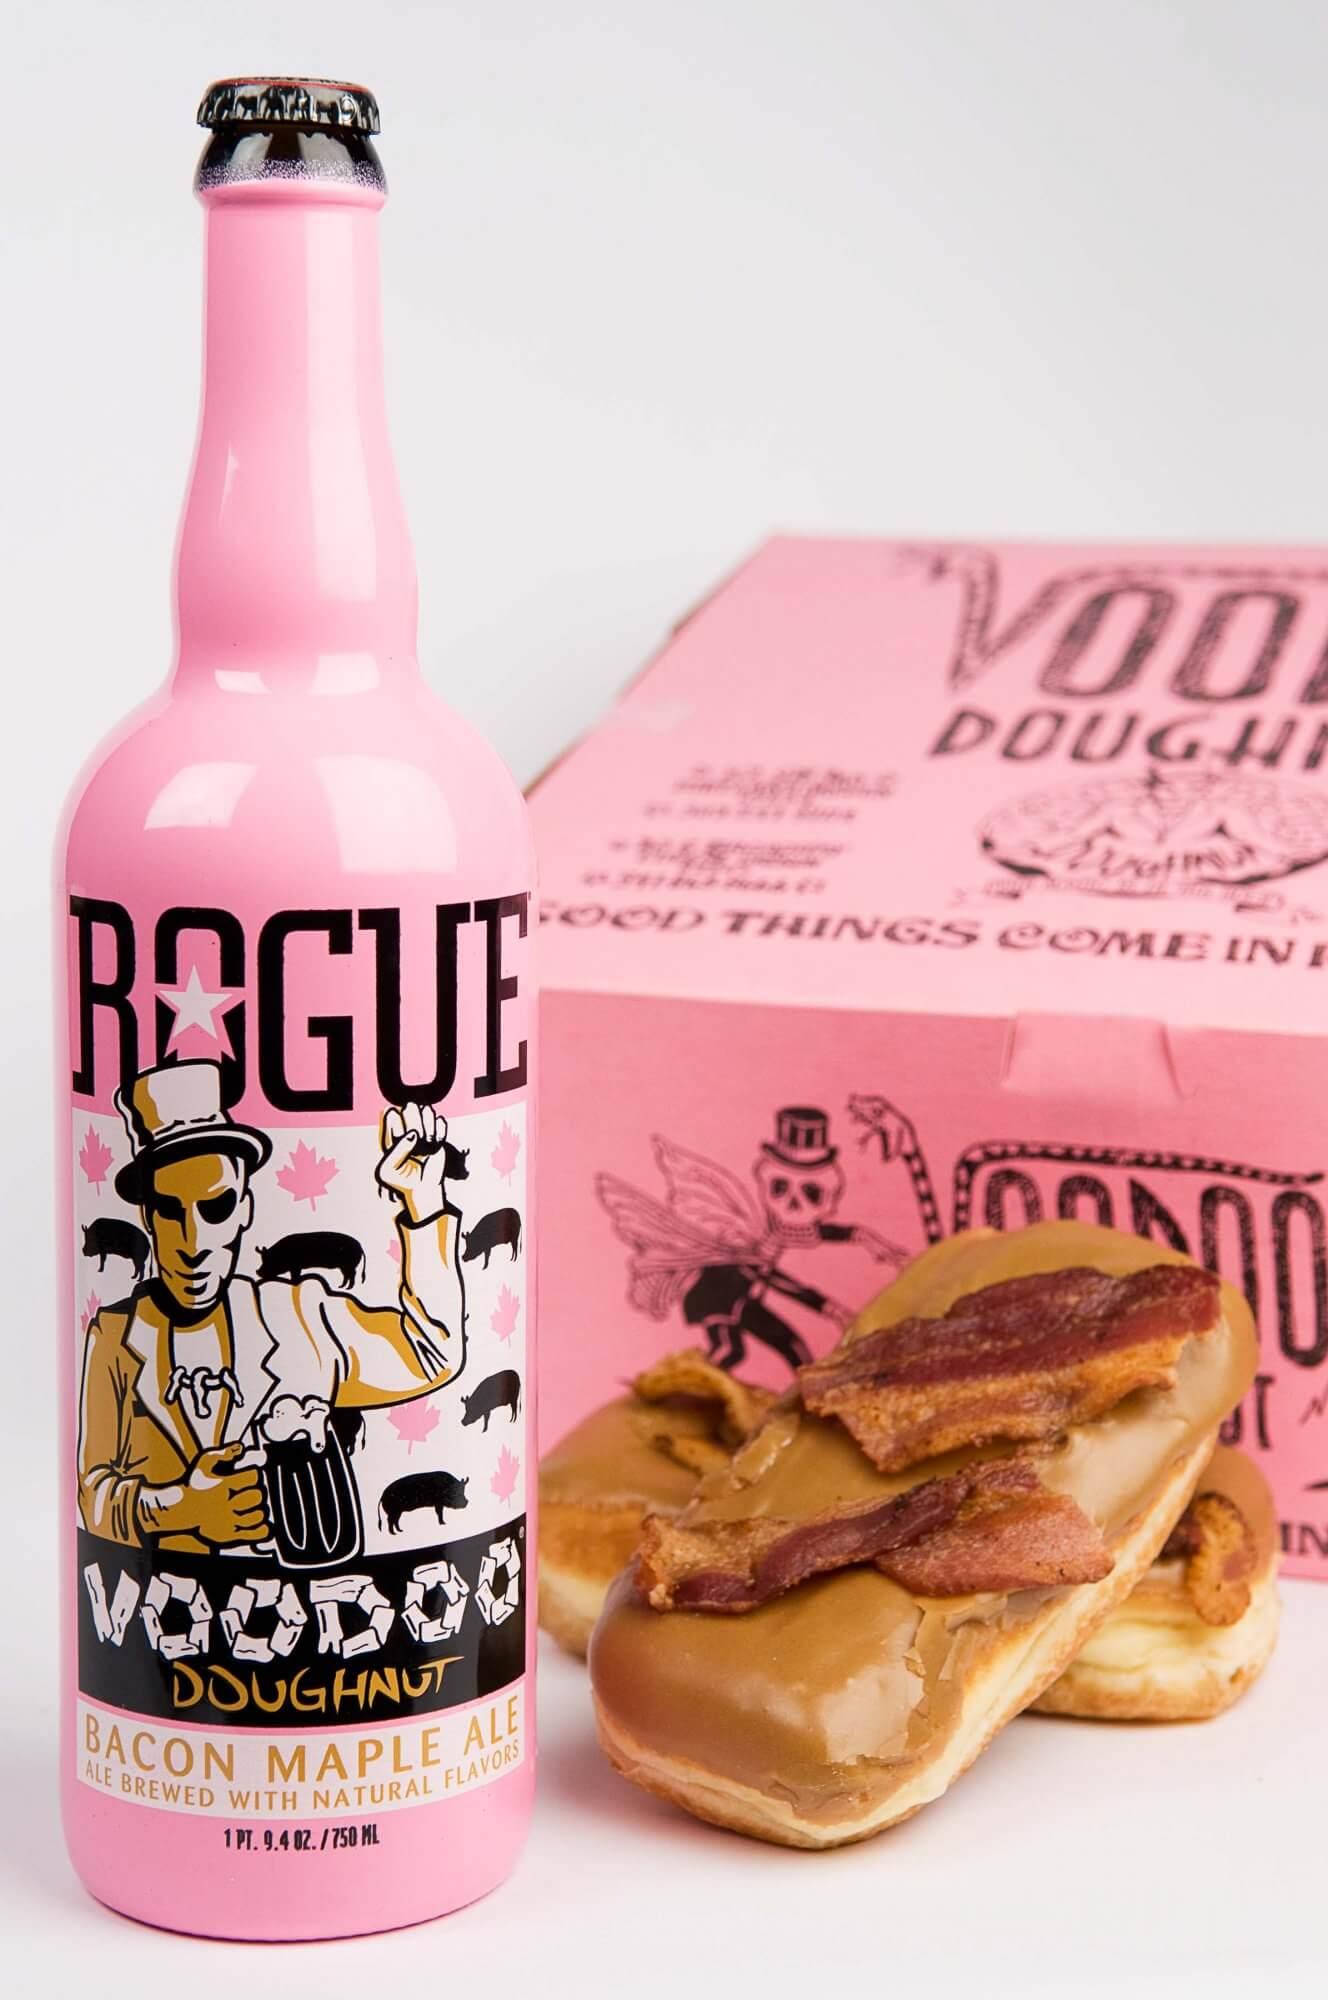 Rogue Ales — Voodoo Doughnut Bacon Maple Ale